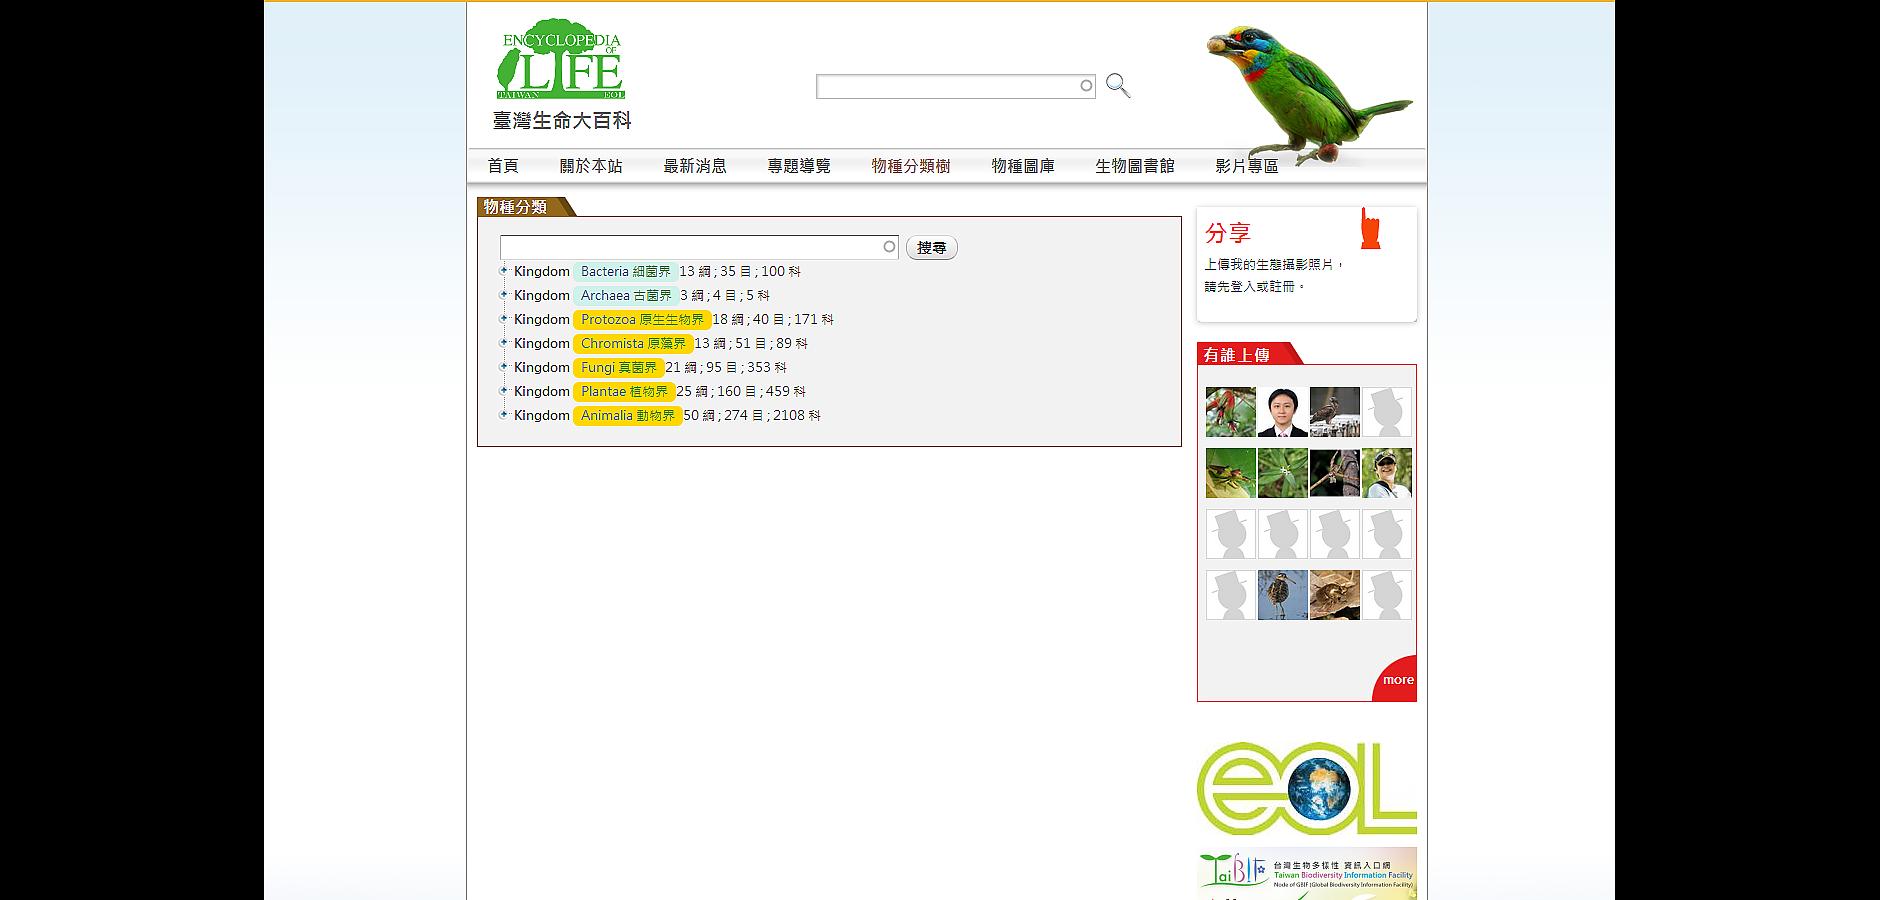 改善後的分類樹可做搜尋、標籤等應用